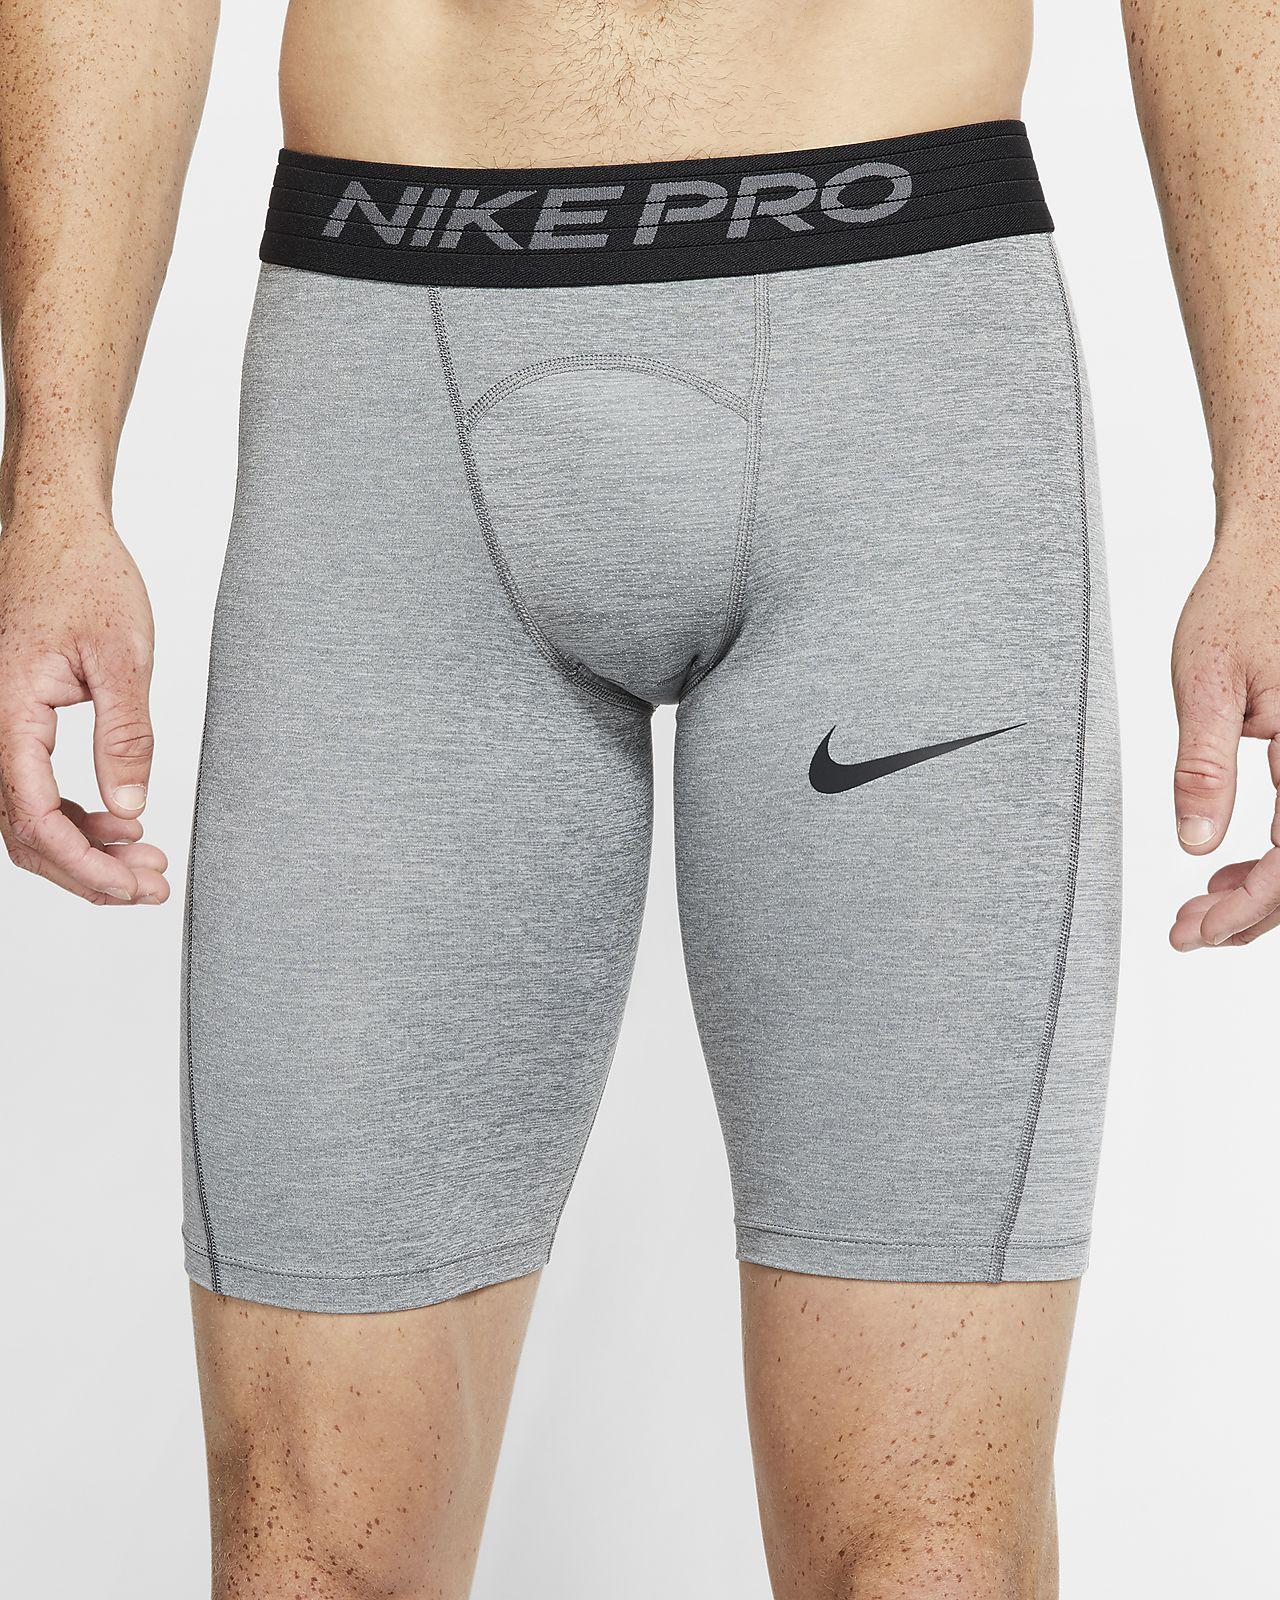 Nike Pro Langere herenshorts